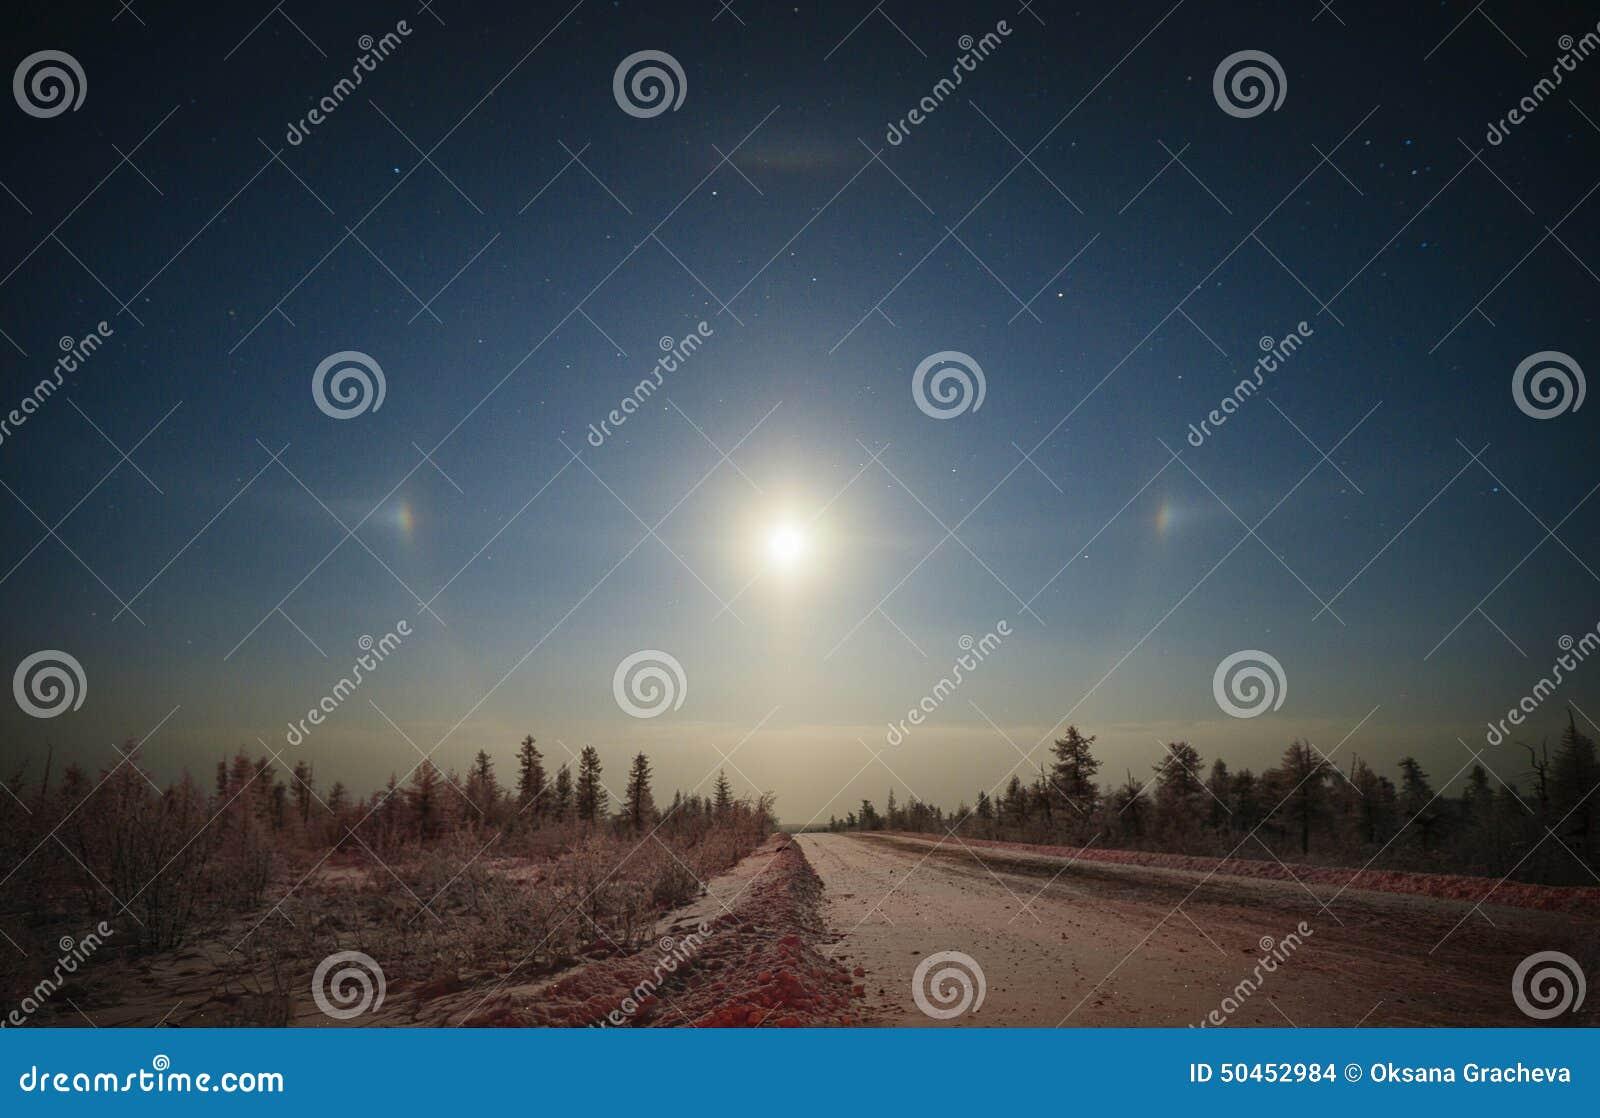 Vinterlandskap med månegloria